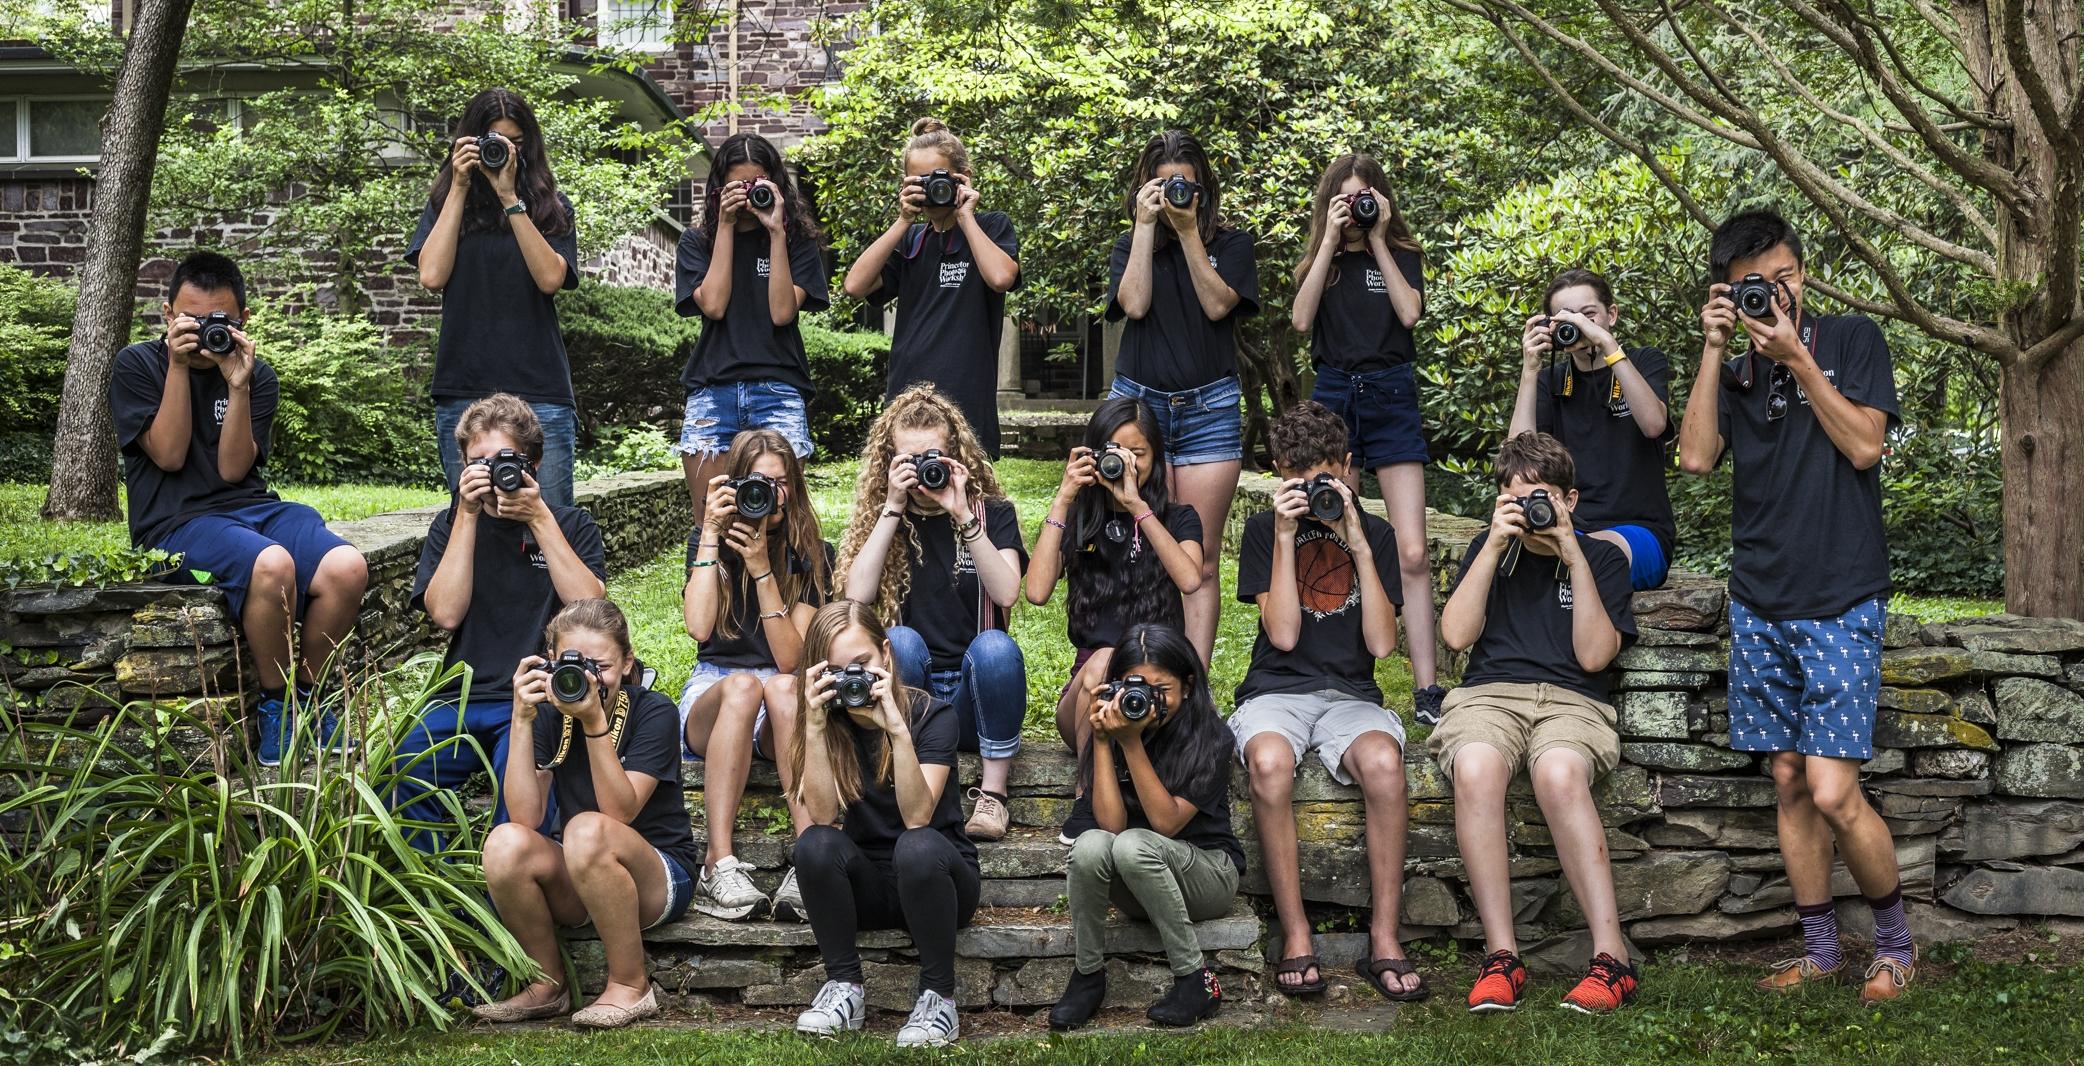 teen_photo_camp_2017_lo_res_proof_2953-frankveronsky.com.jpg